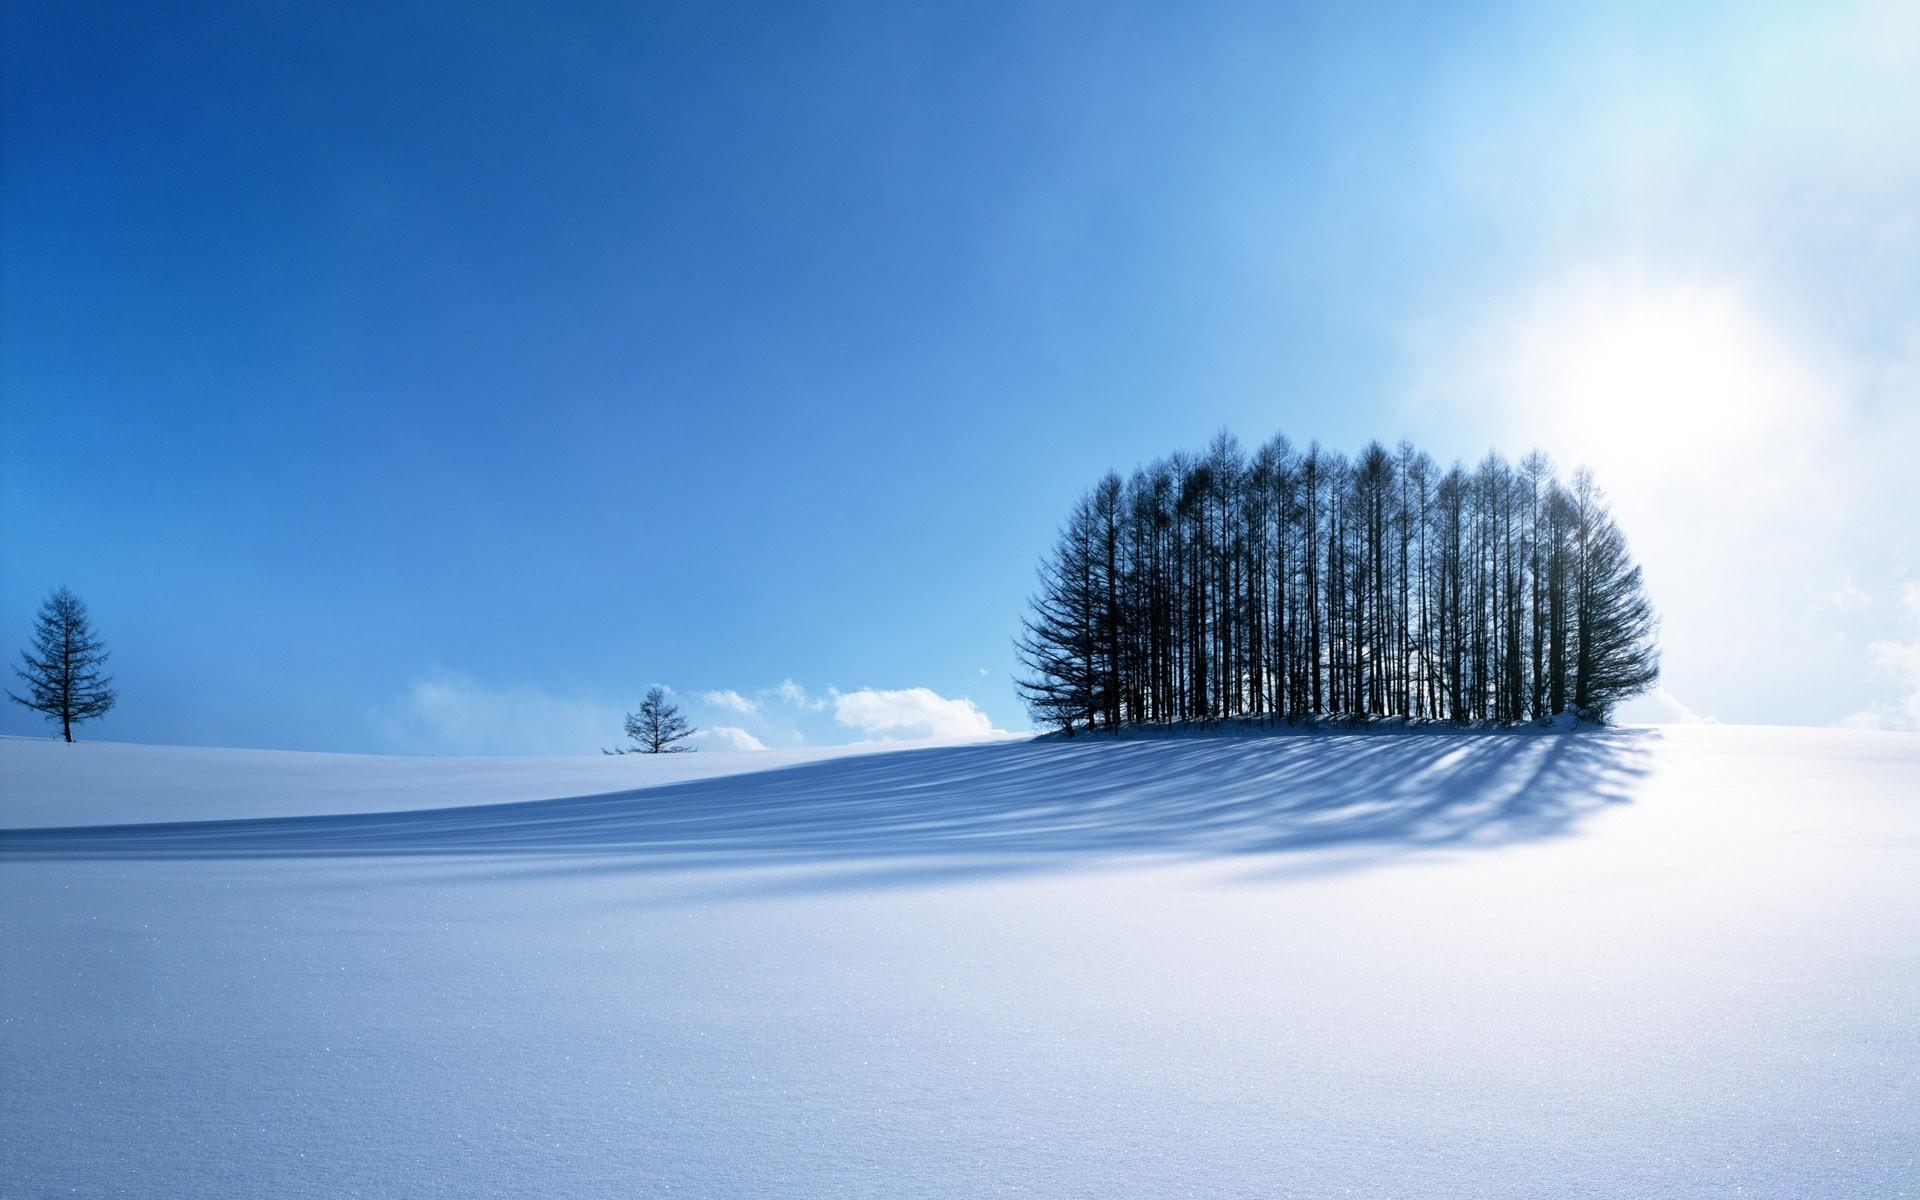 Картинки на обои рабочего стола природа зима